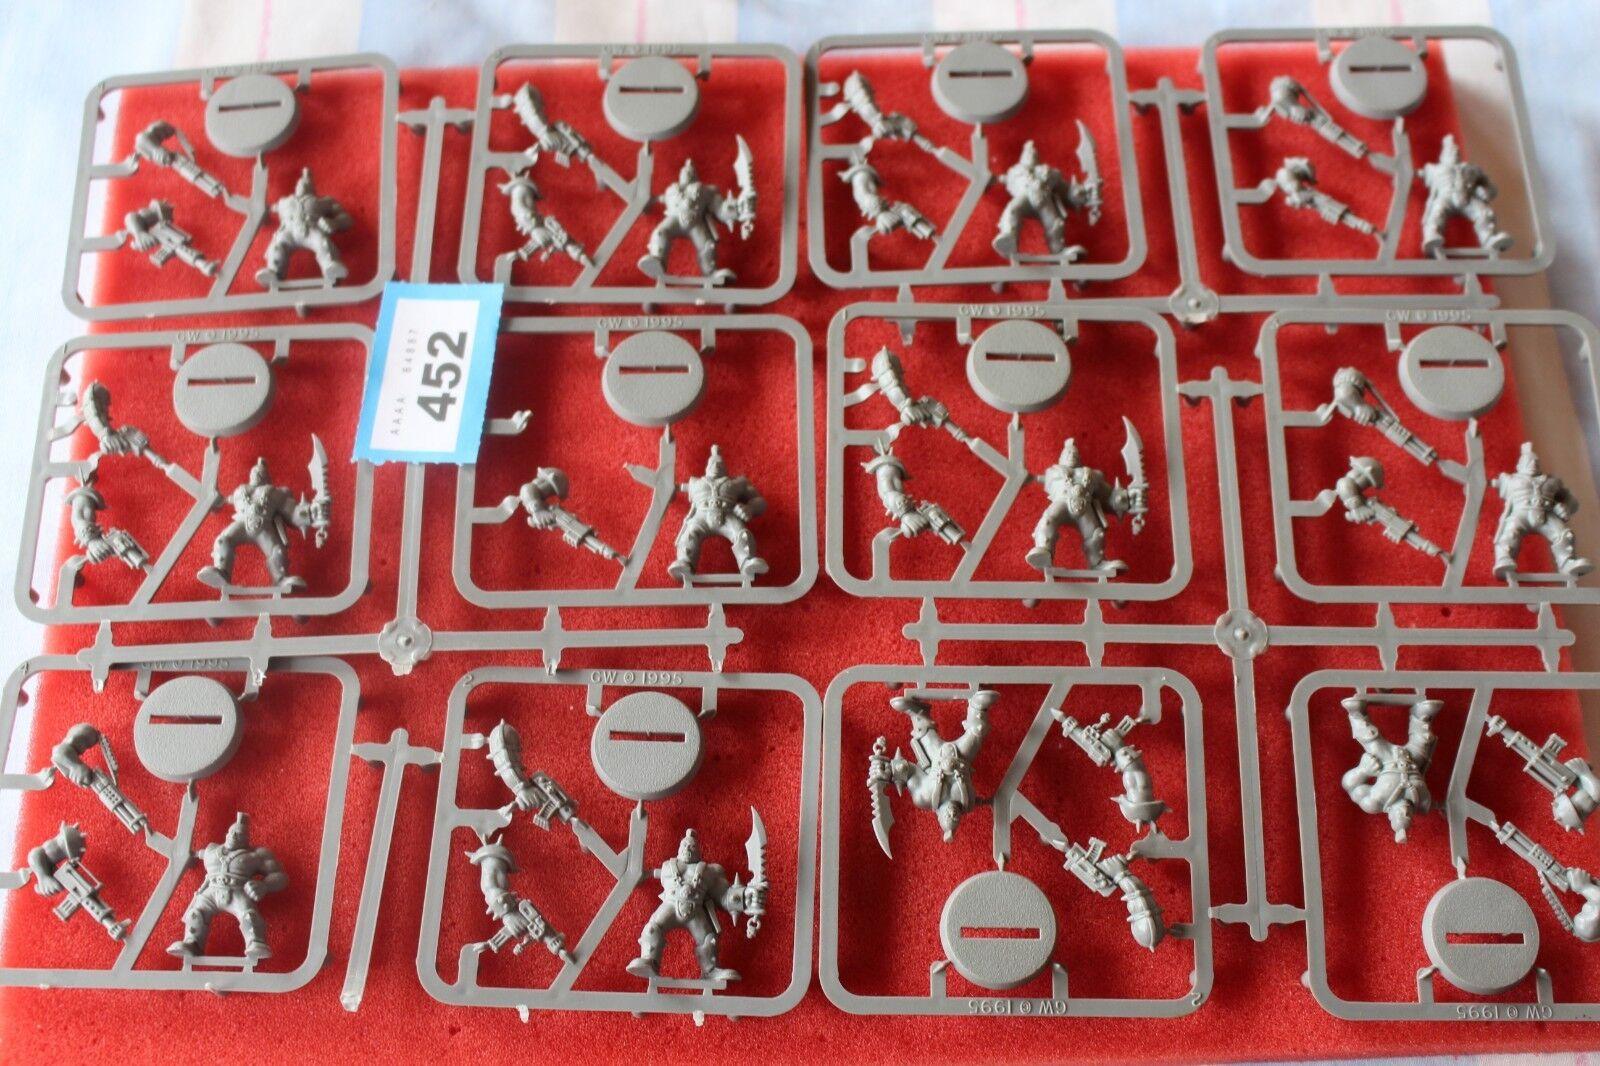 scegli il tuo preferito giocos lavoronegozio Necromunda Goliath Gang Gang Gang in Plastica cifra 1999 WH40K Nuovo GW fuori catalogo  più economico